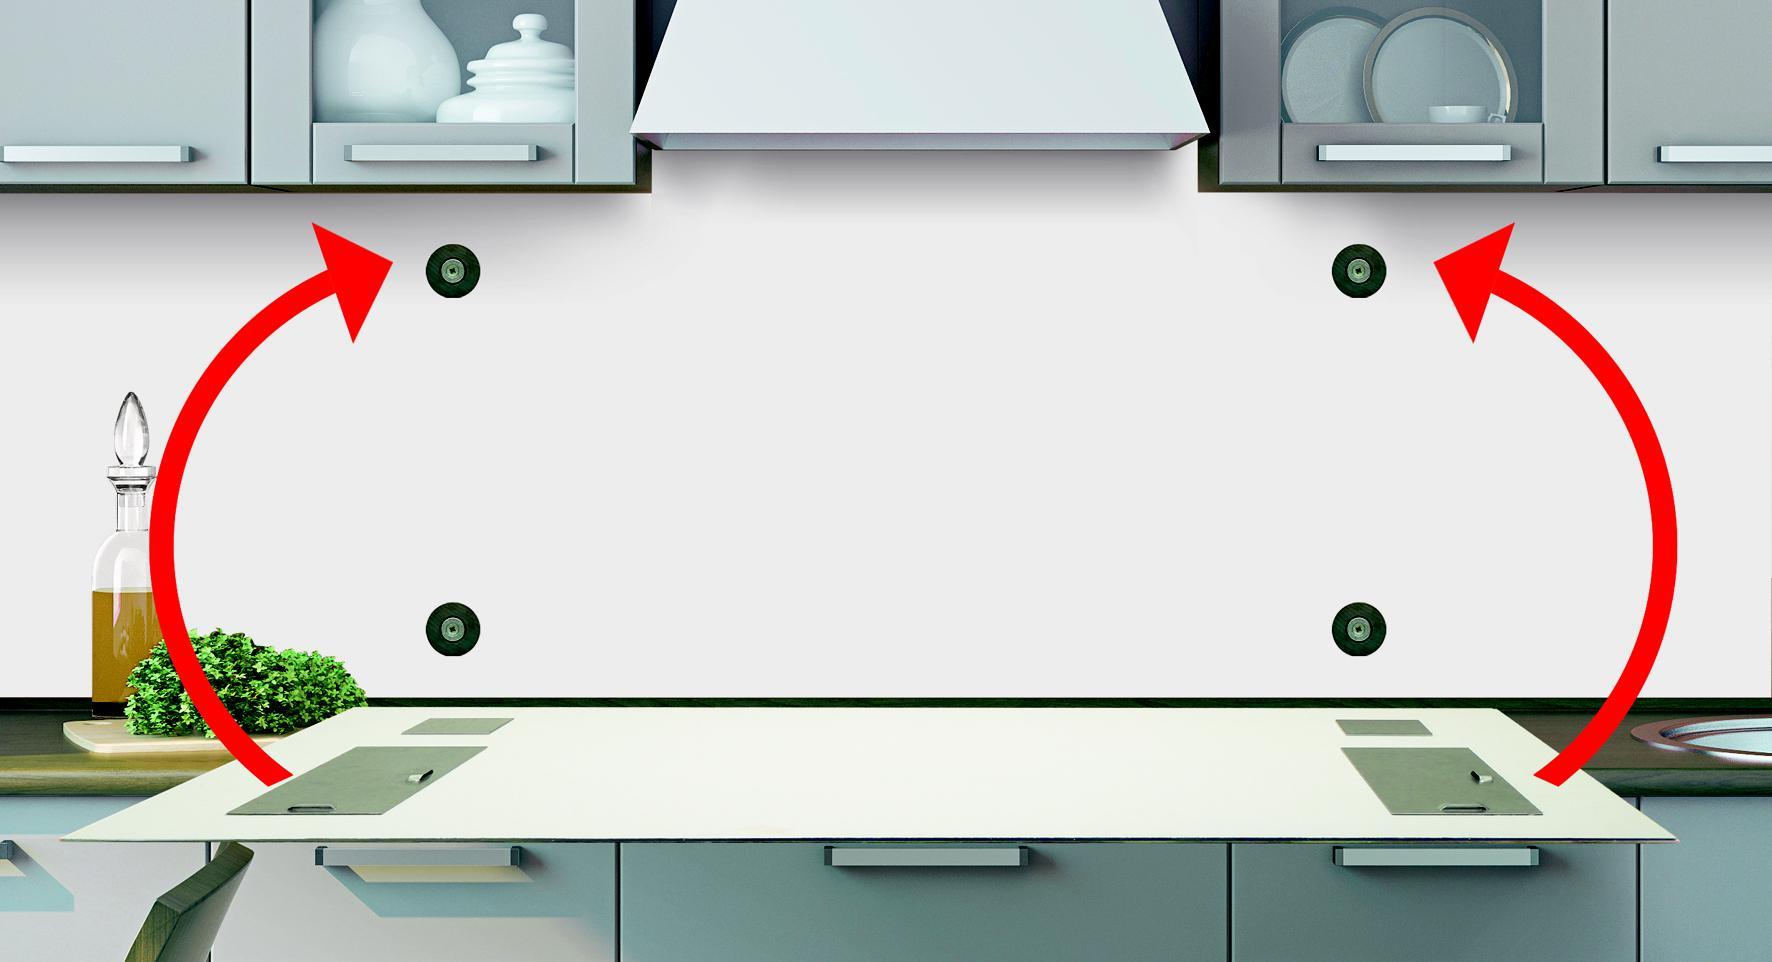 Küche Holz Mit Glas Spritzschutz – sehremini